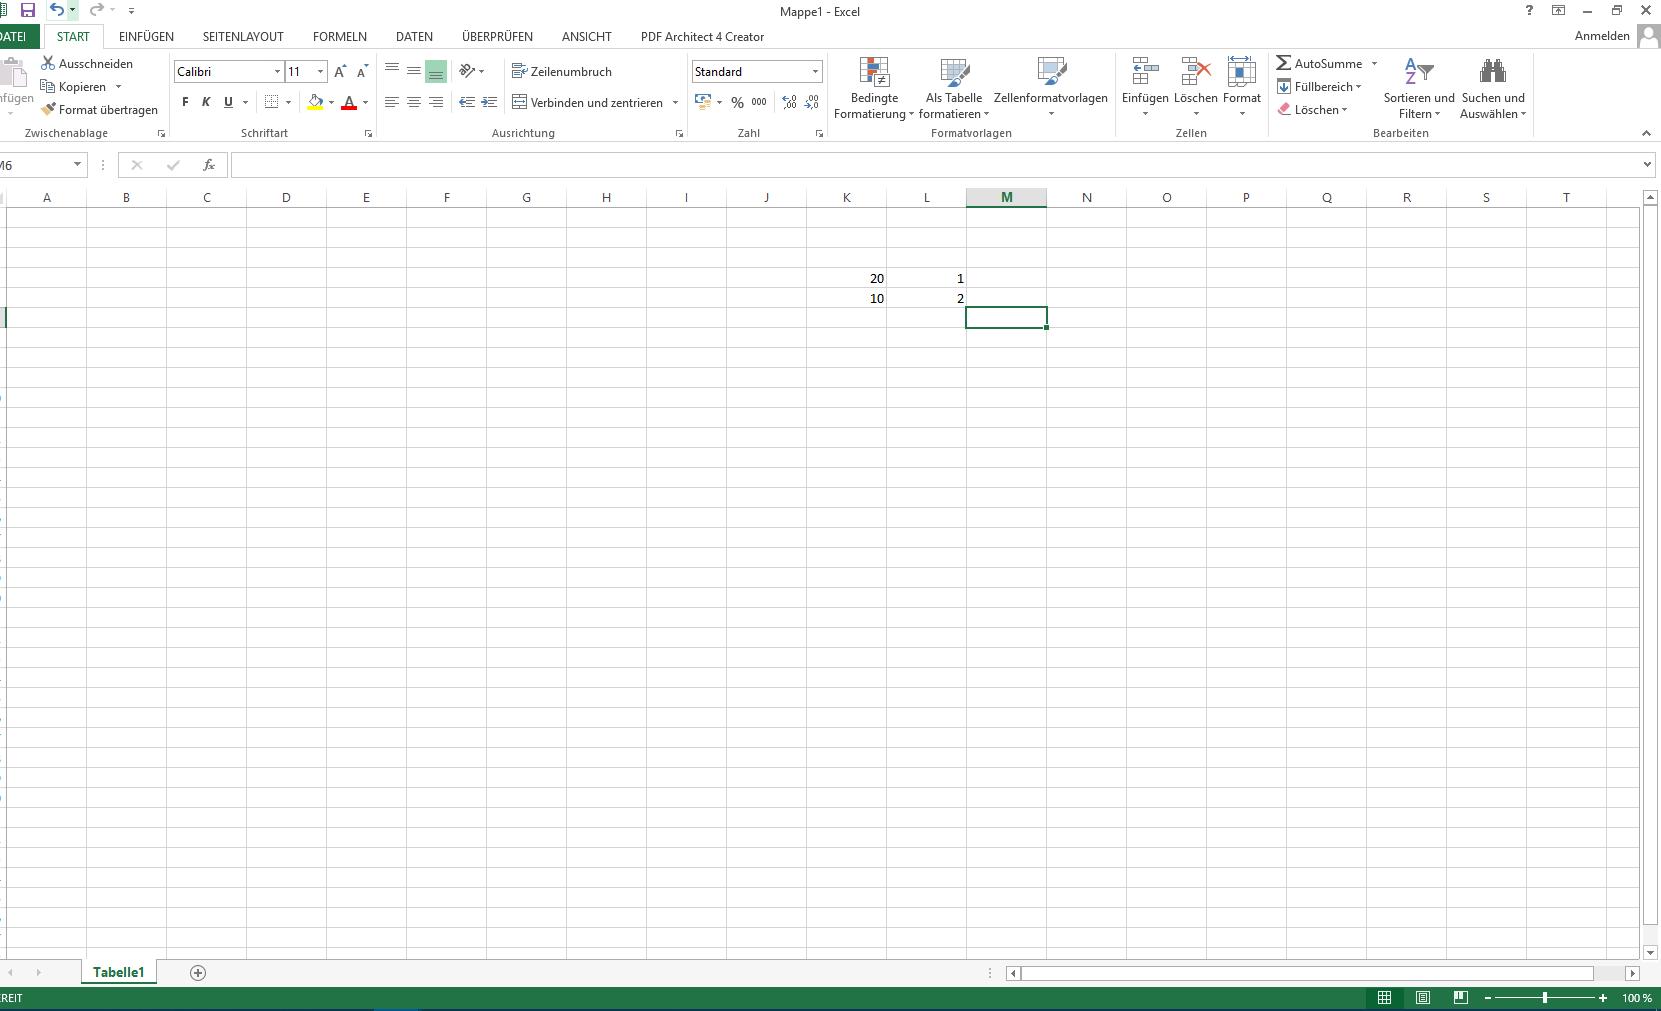 Excel Zeilen abfragen und Wert in eine Andere Zeile einfügen aber ...